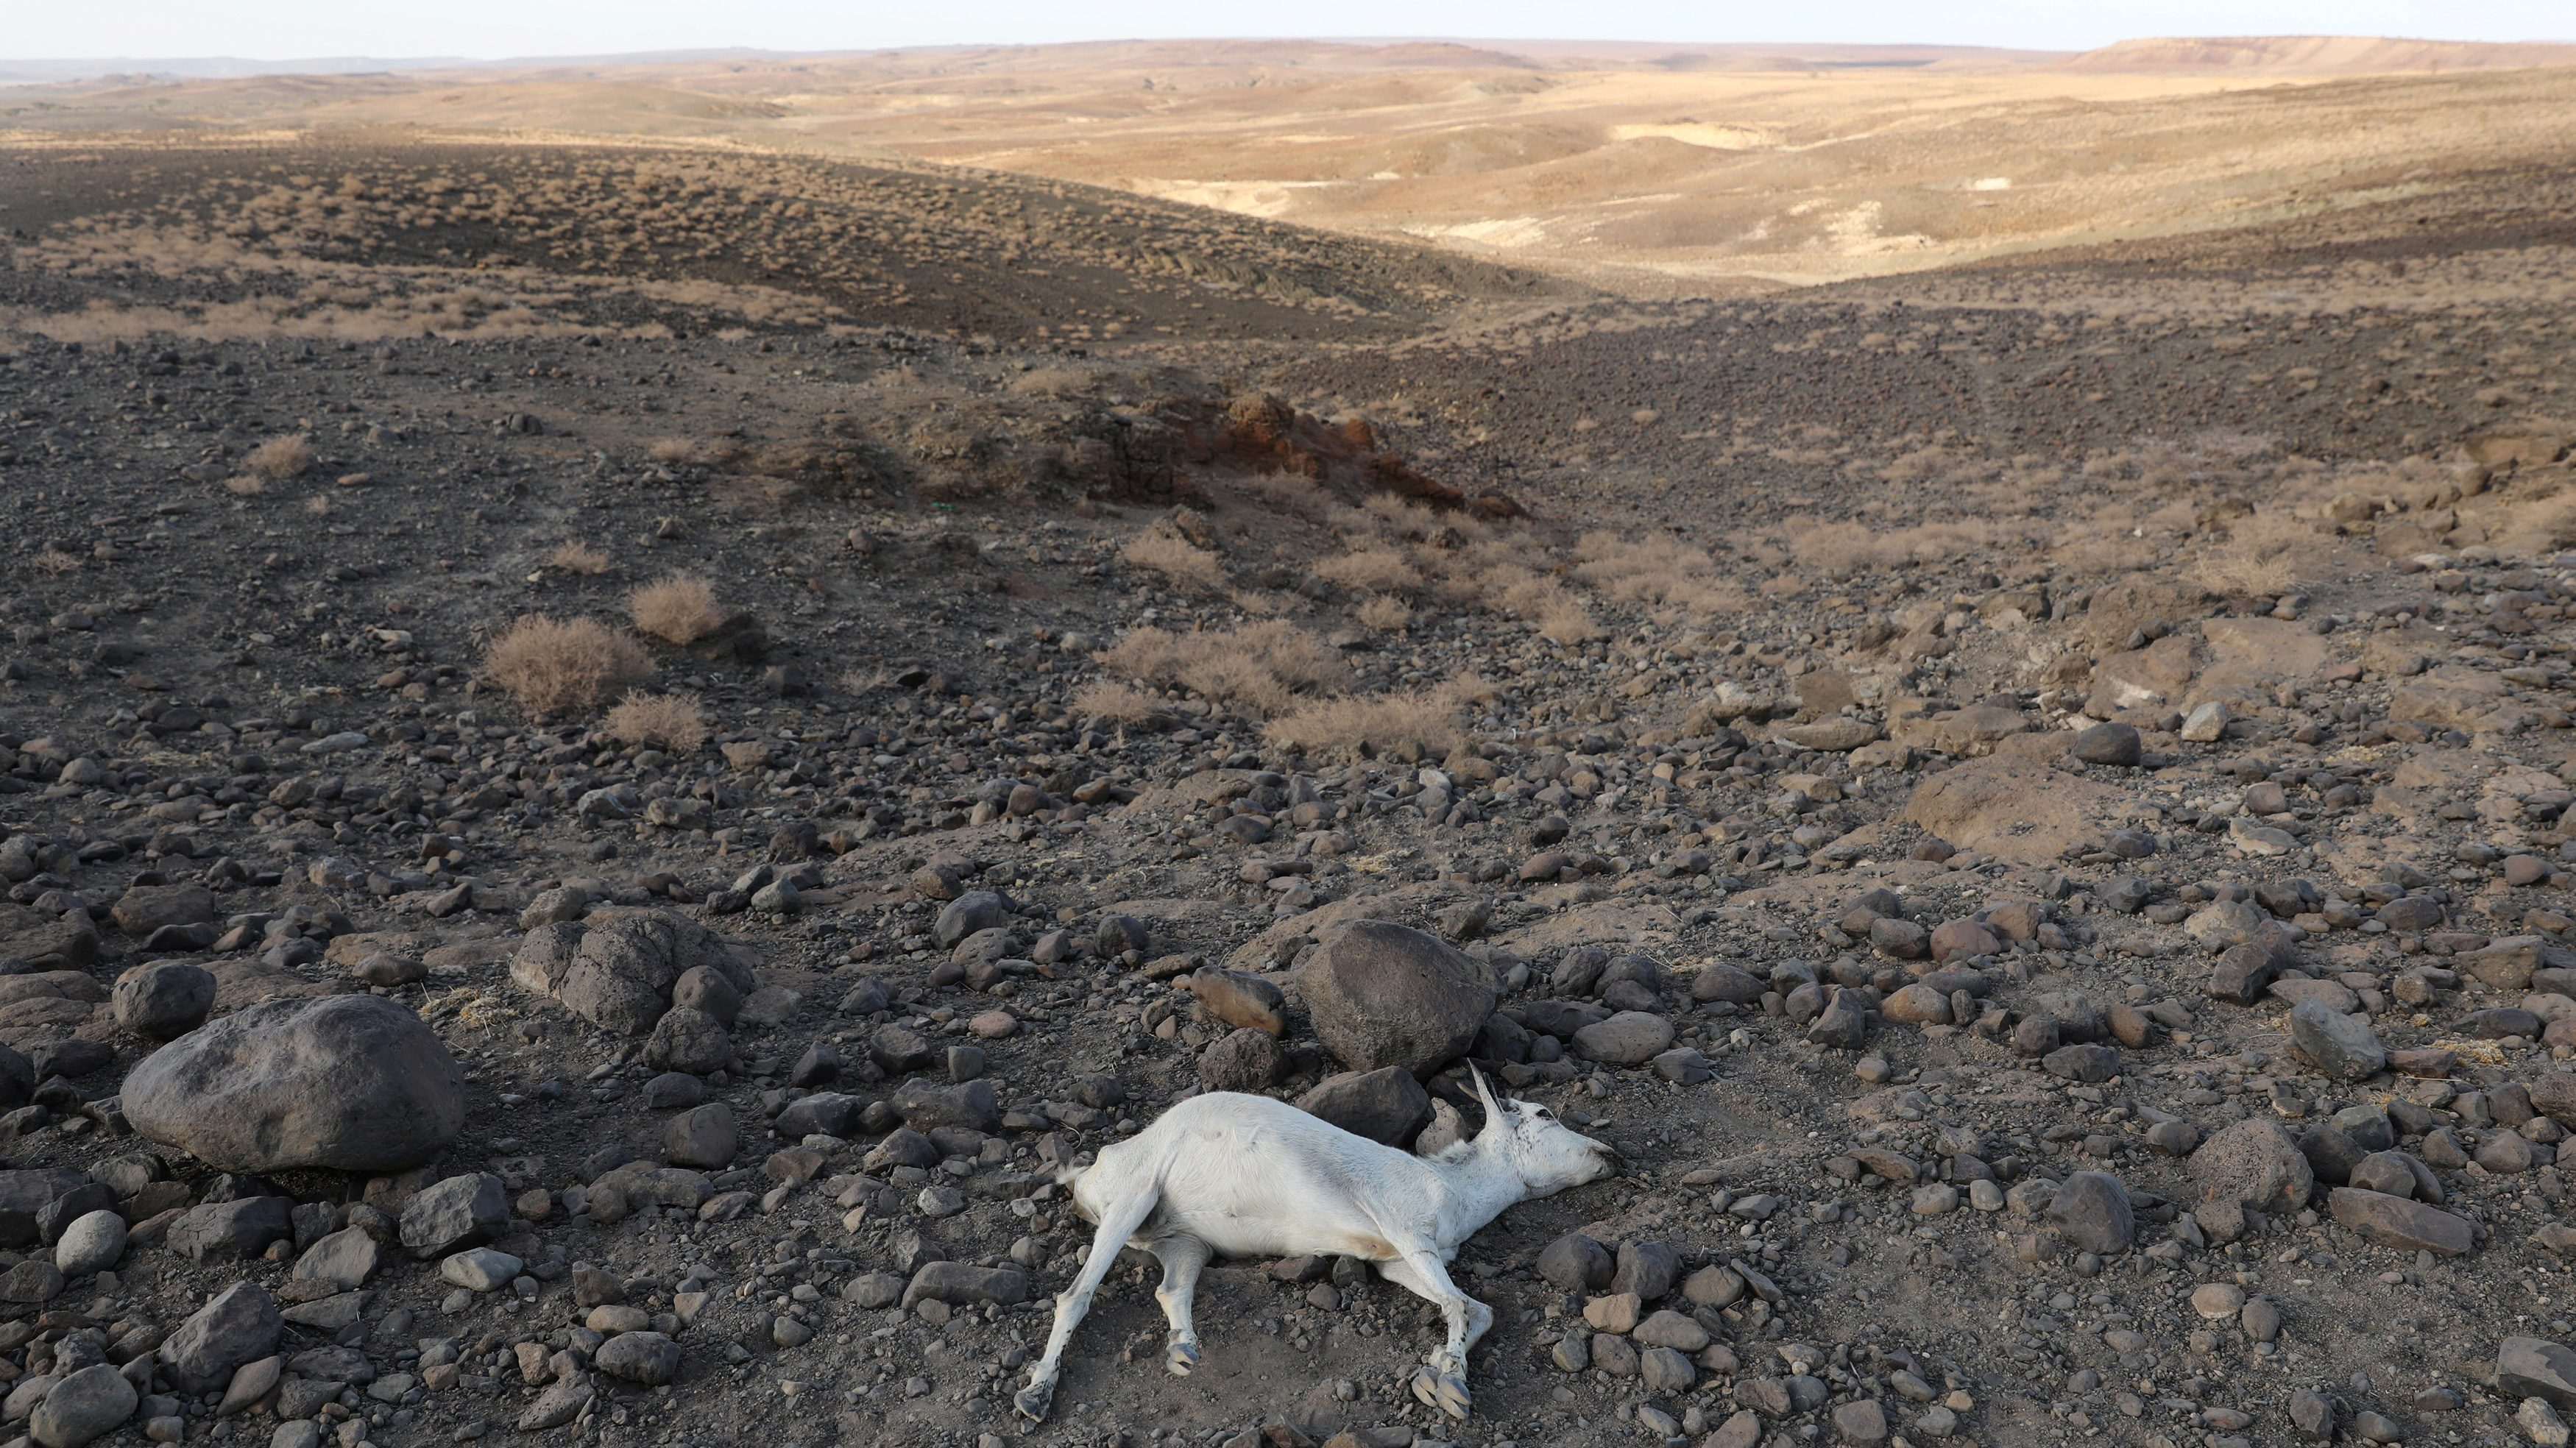 A dead goat is seen near Loiyangalani, Kenya, March 20, 2017.